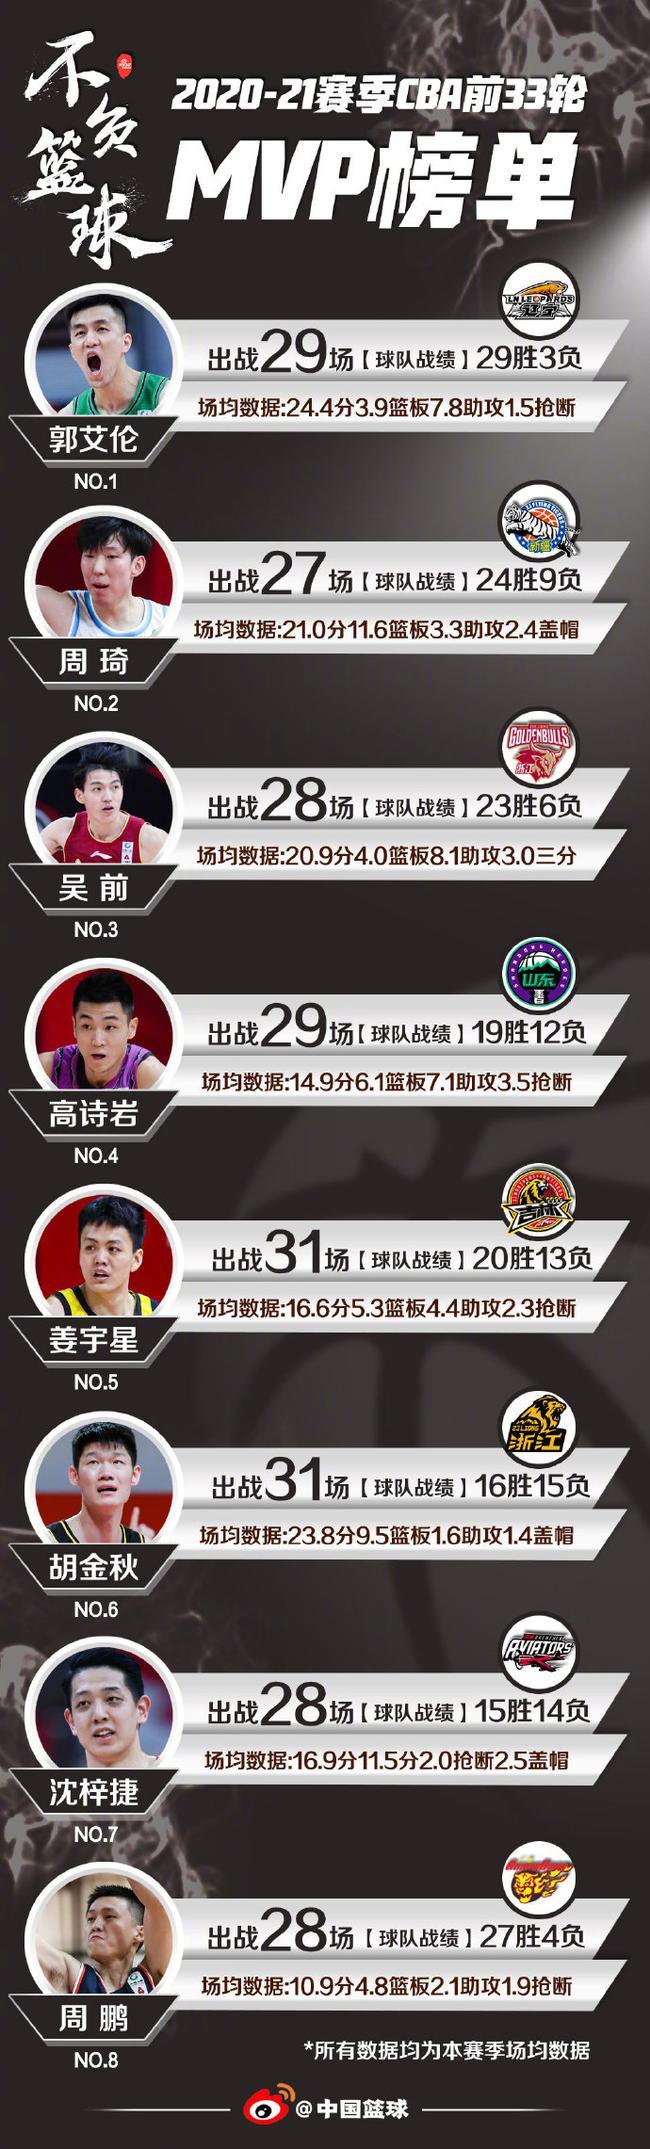 CBA最新MVP榜:郭艾伦第一 周琦吴前紧随其后